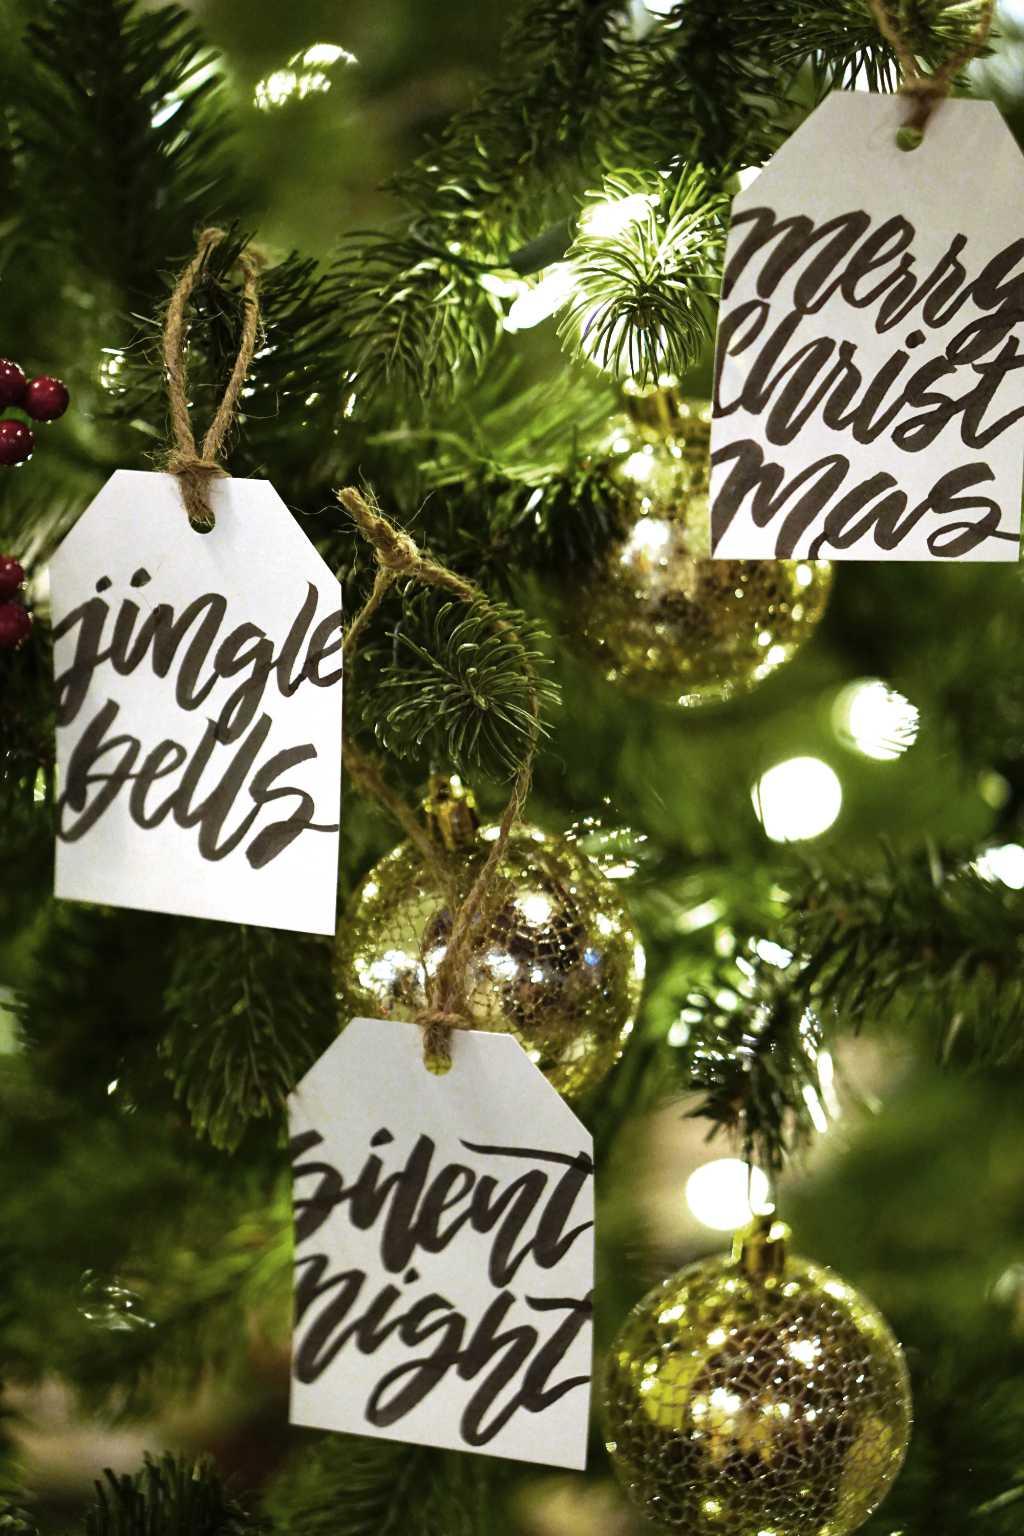 News 20 12 di wein.plus con un albero di natale con i saluti natalizi: merry christmas